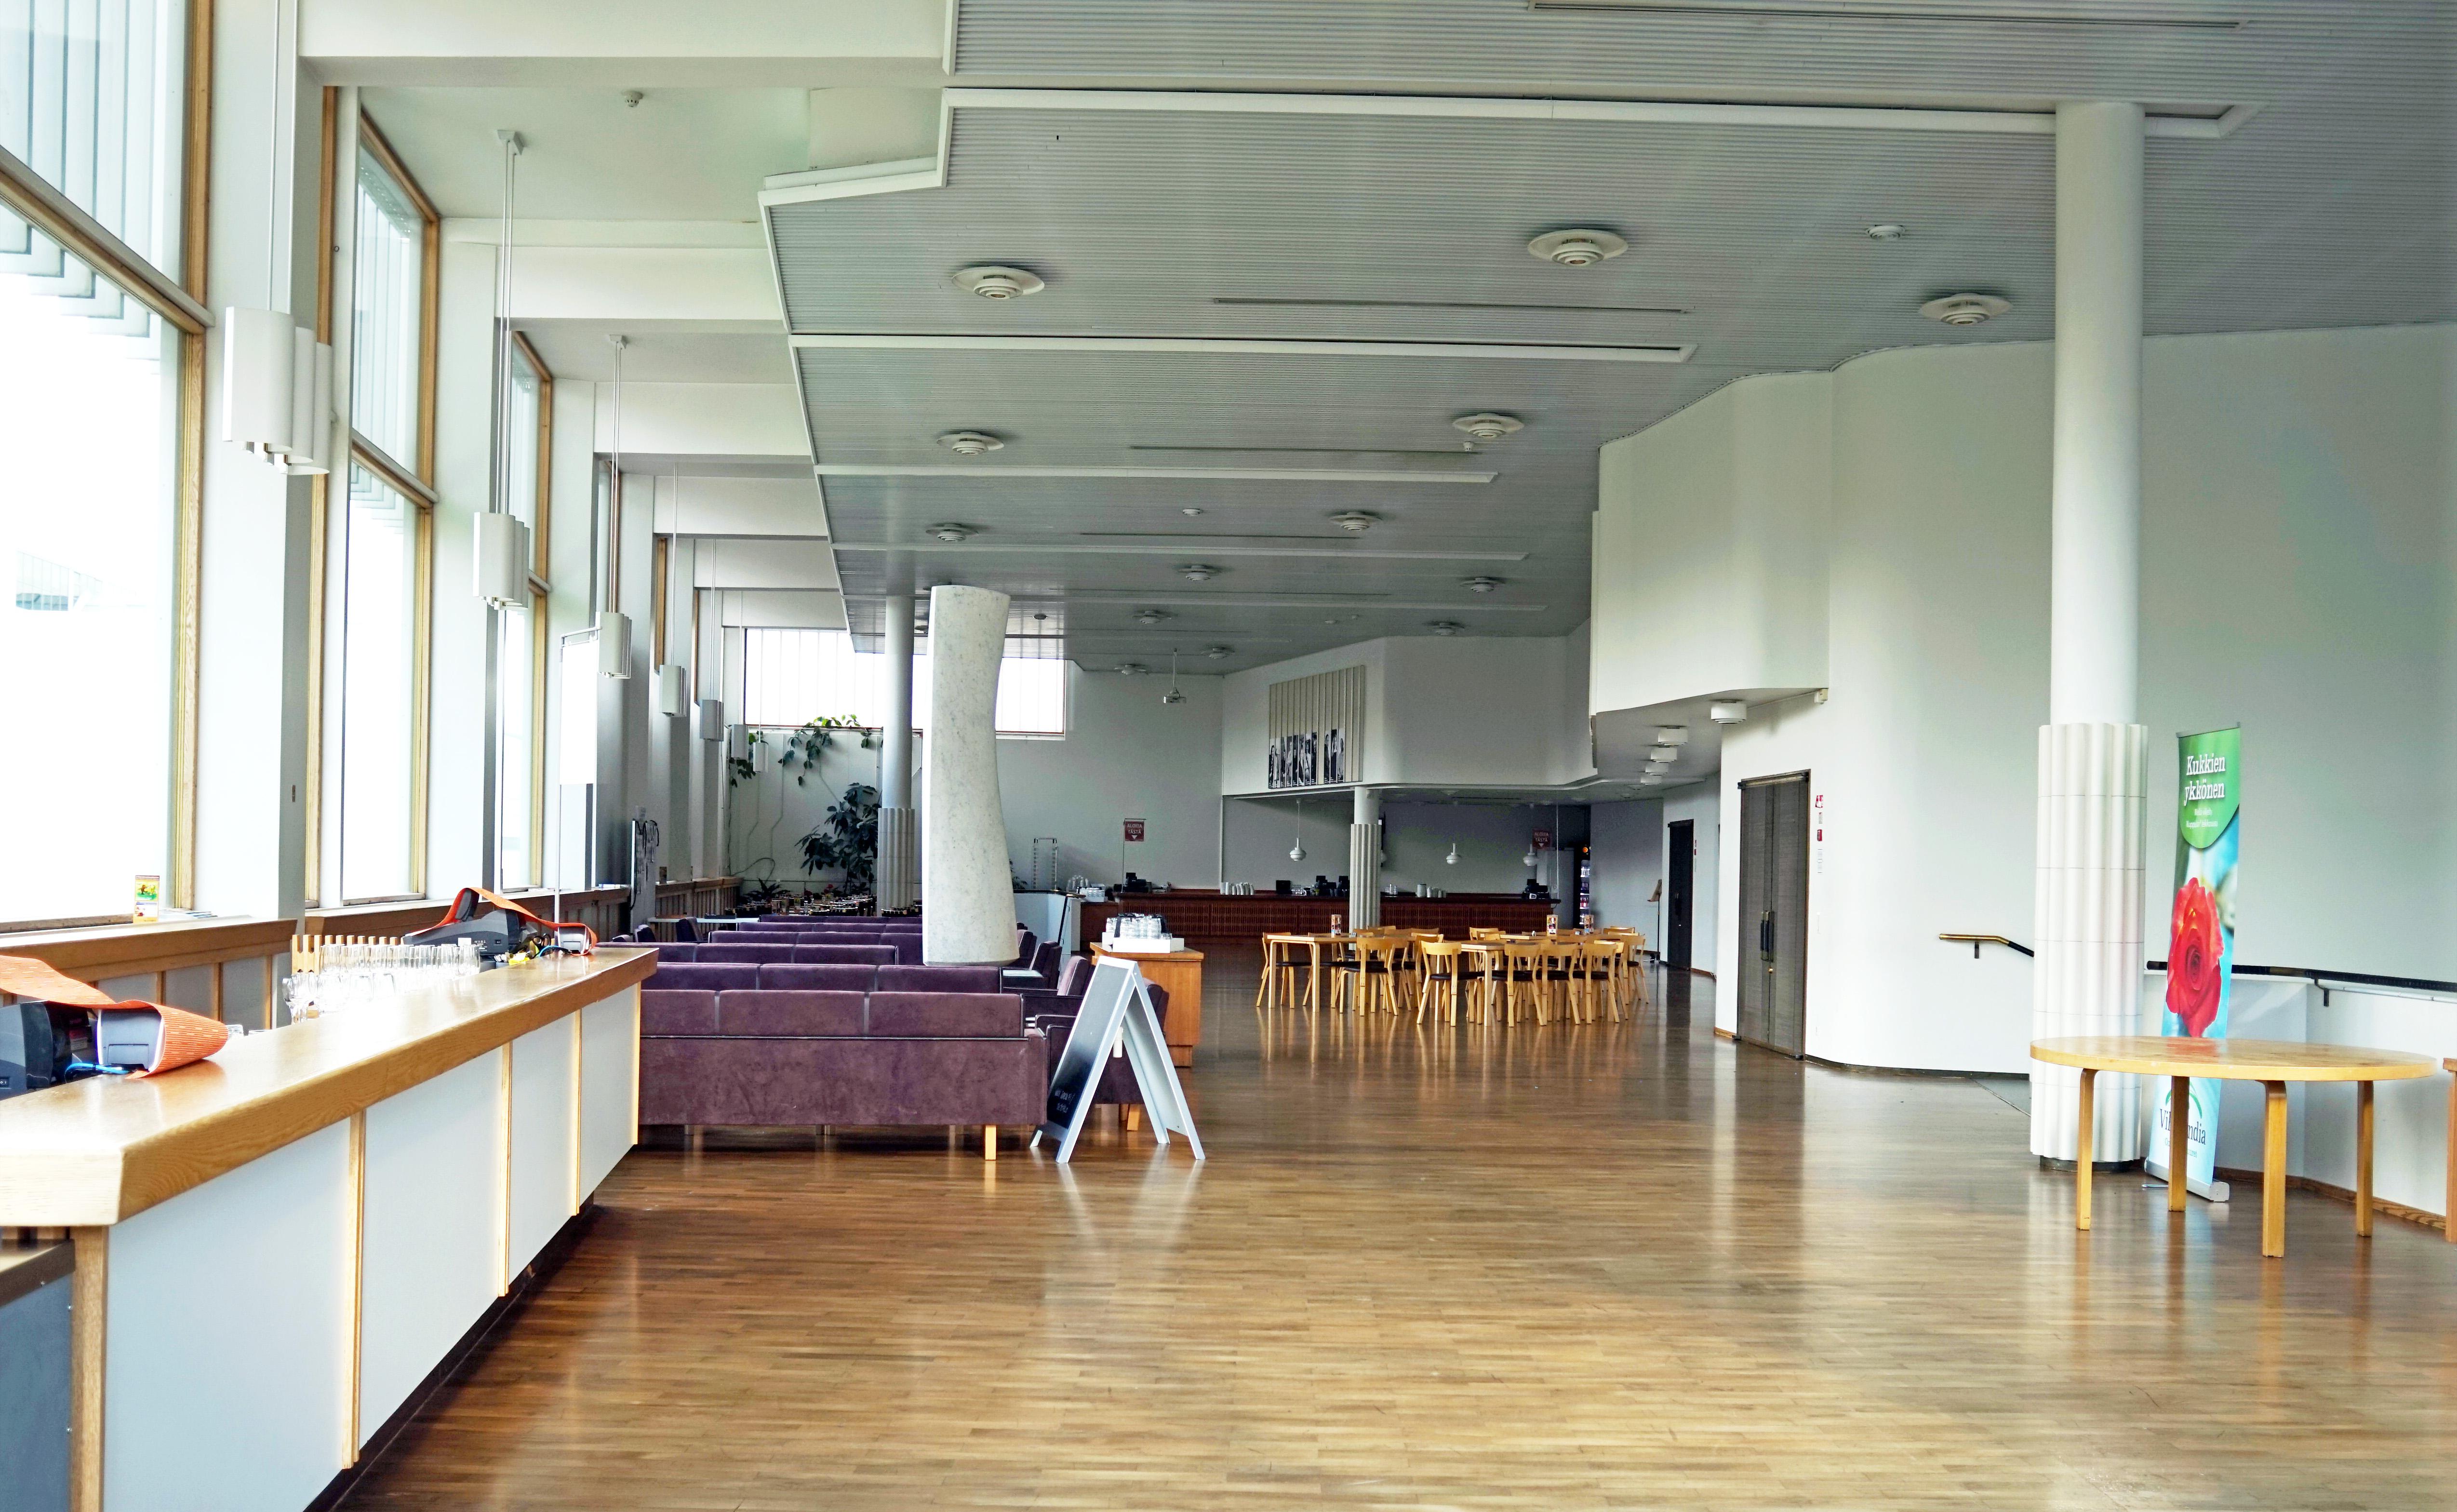 Jyväskylä City Theatre interior.jpg